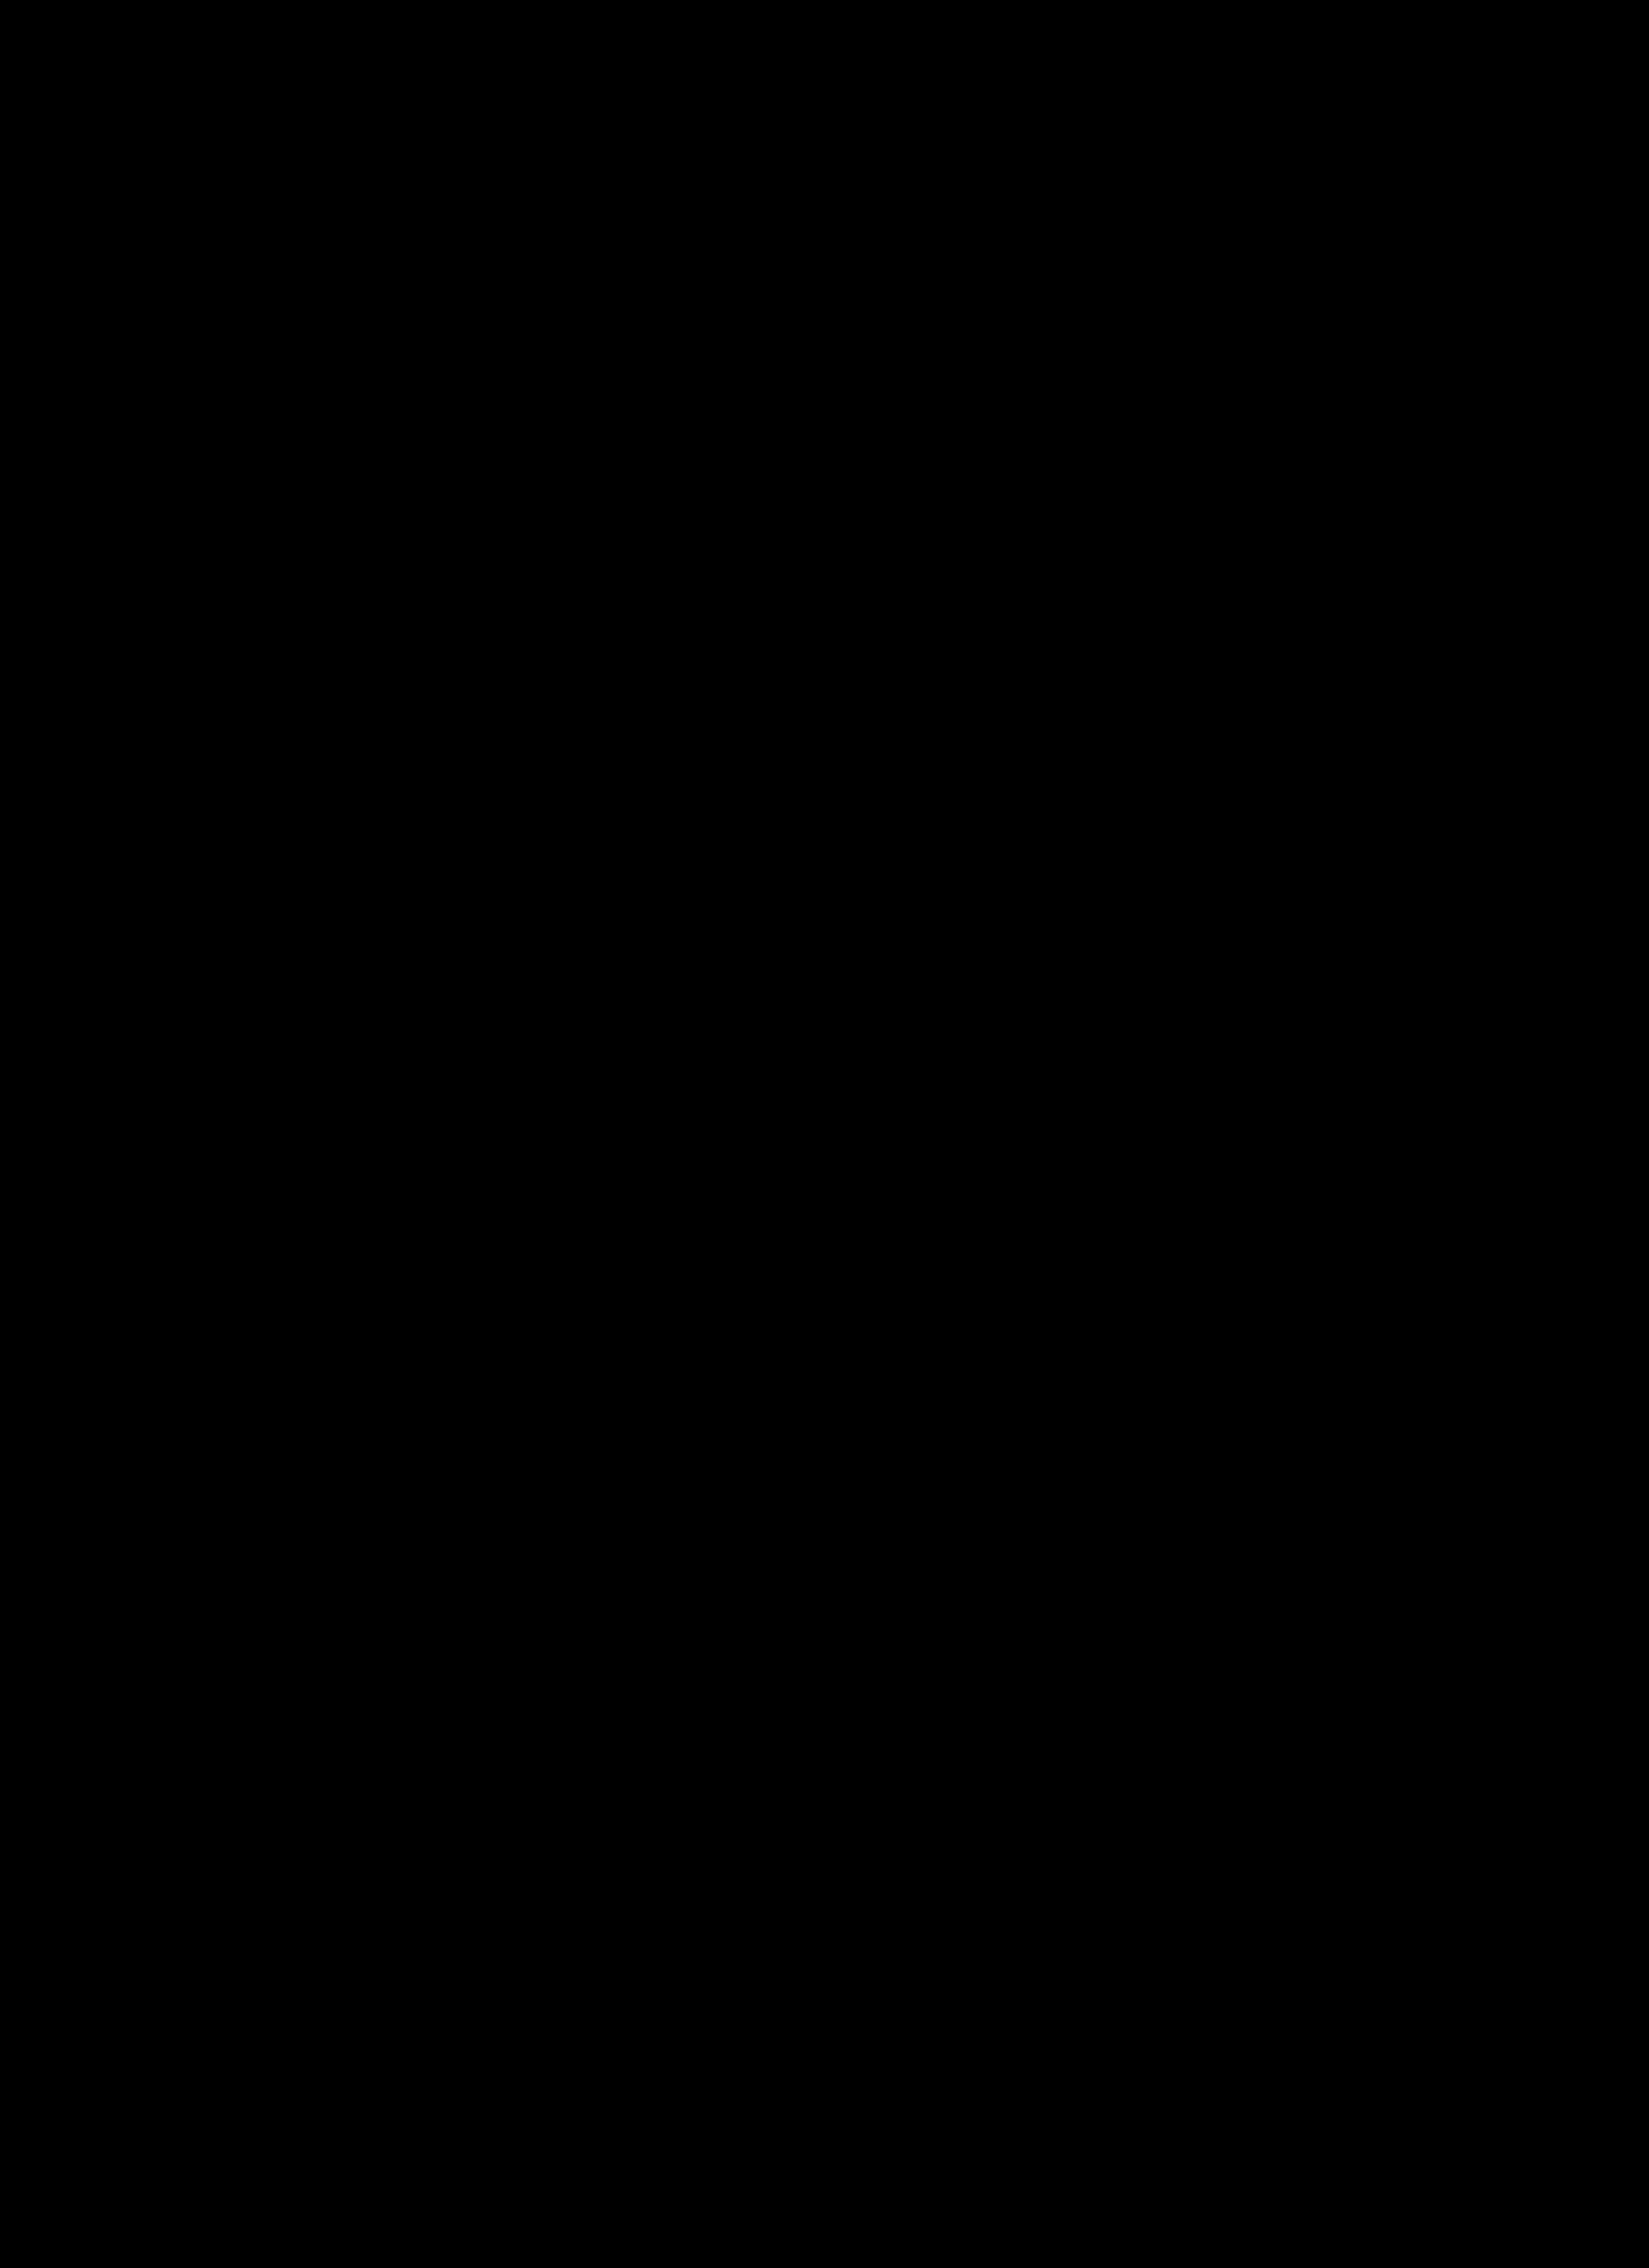 Materiali compositi Pag. 6